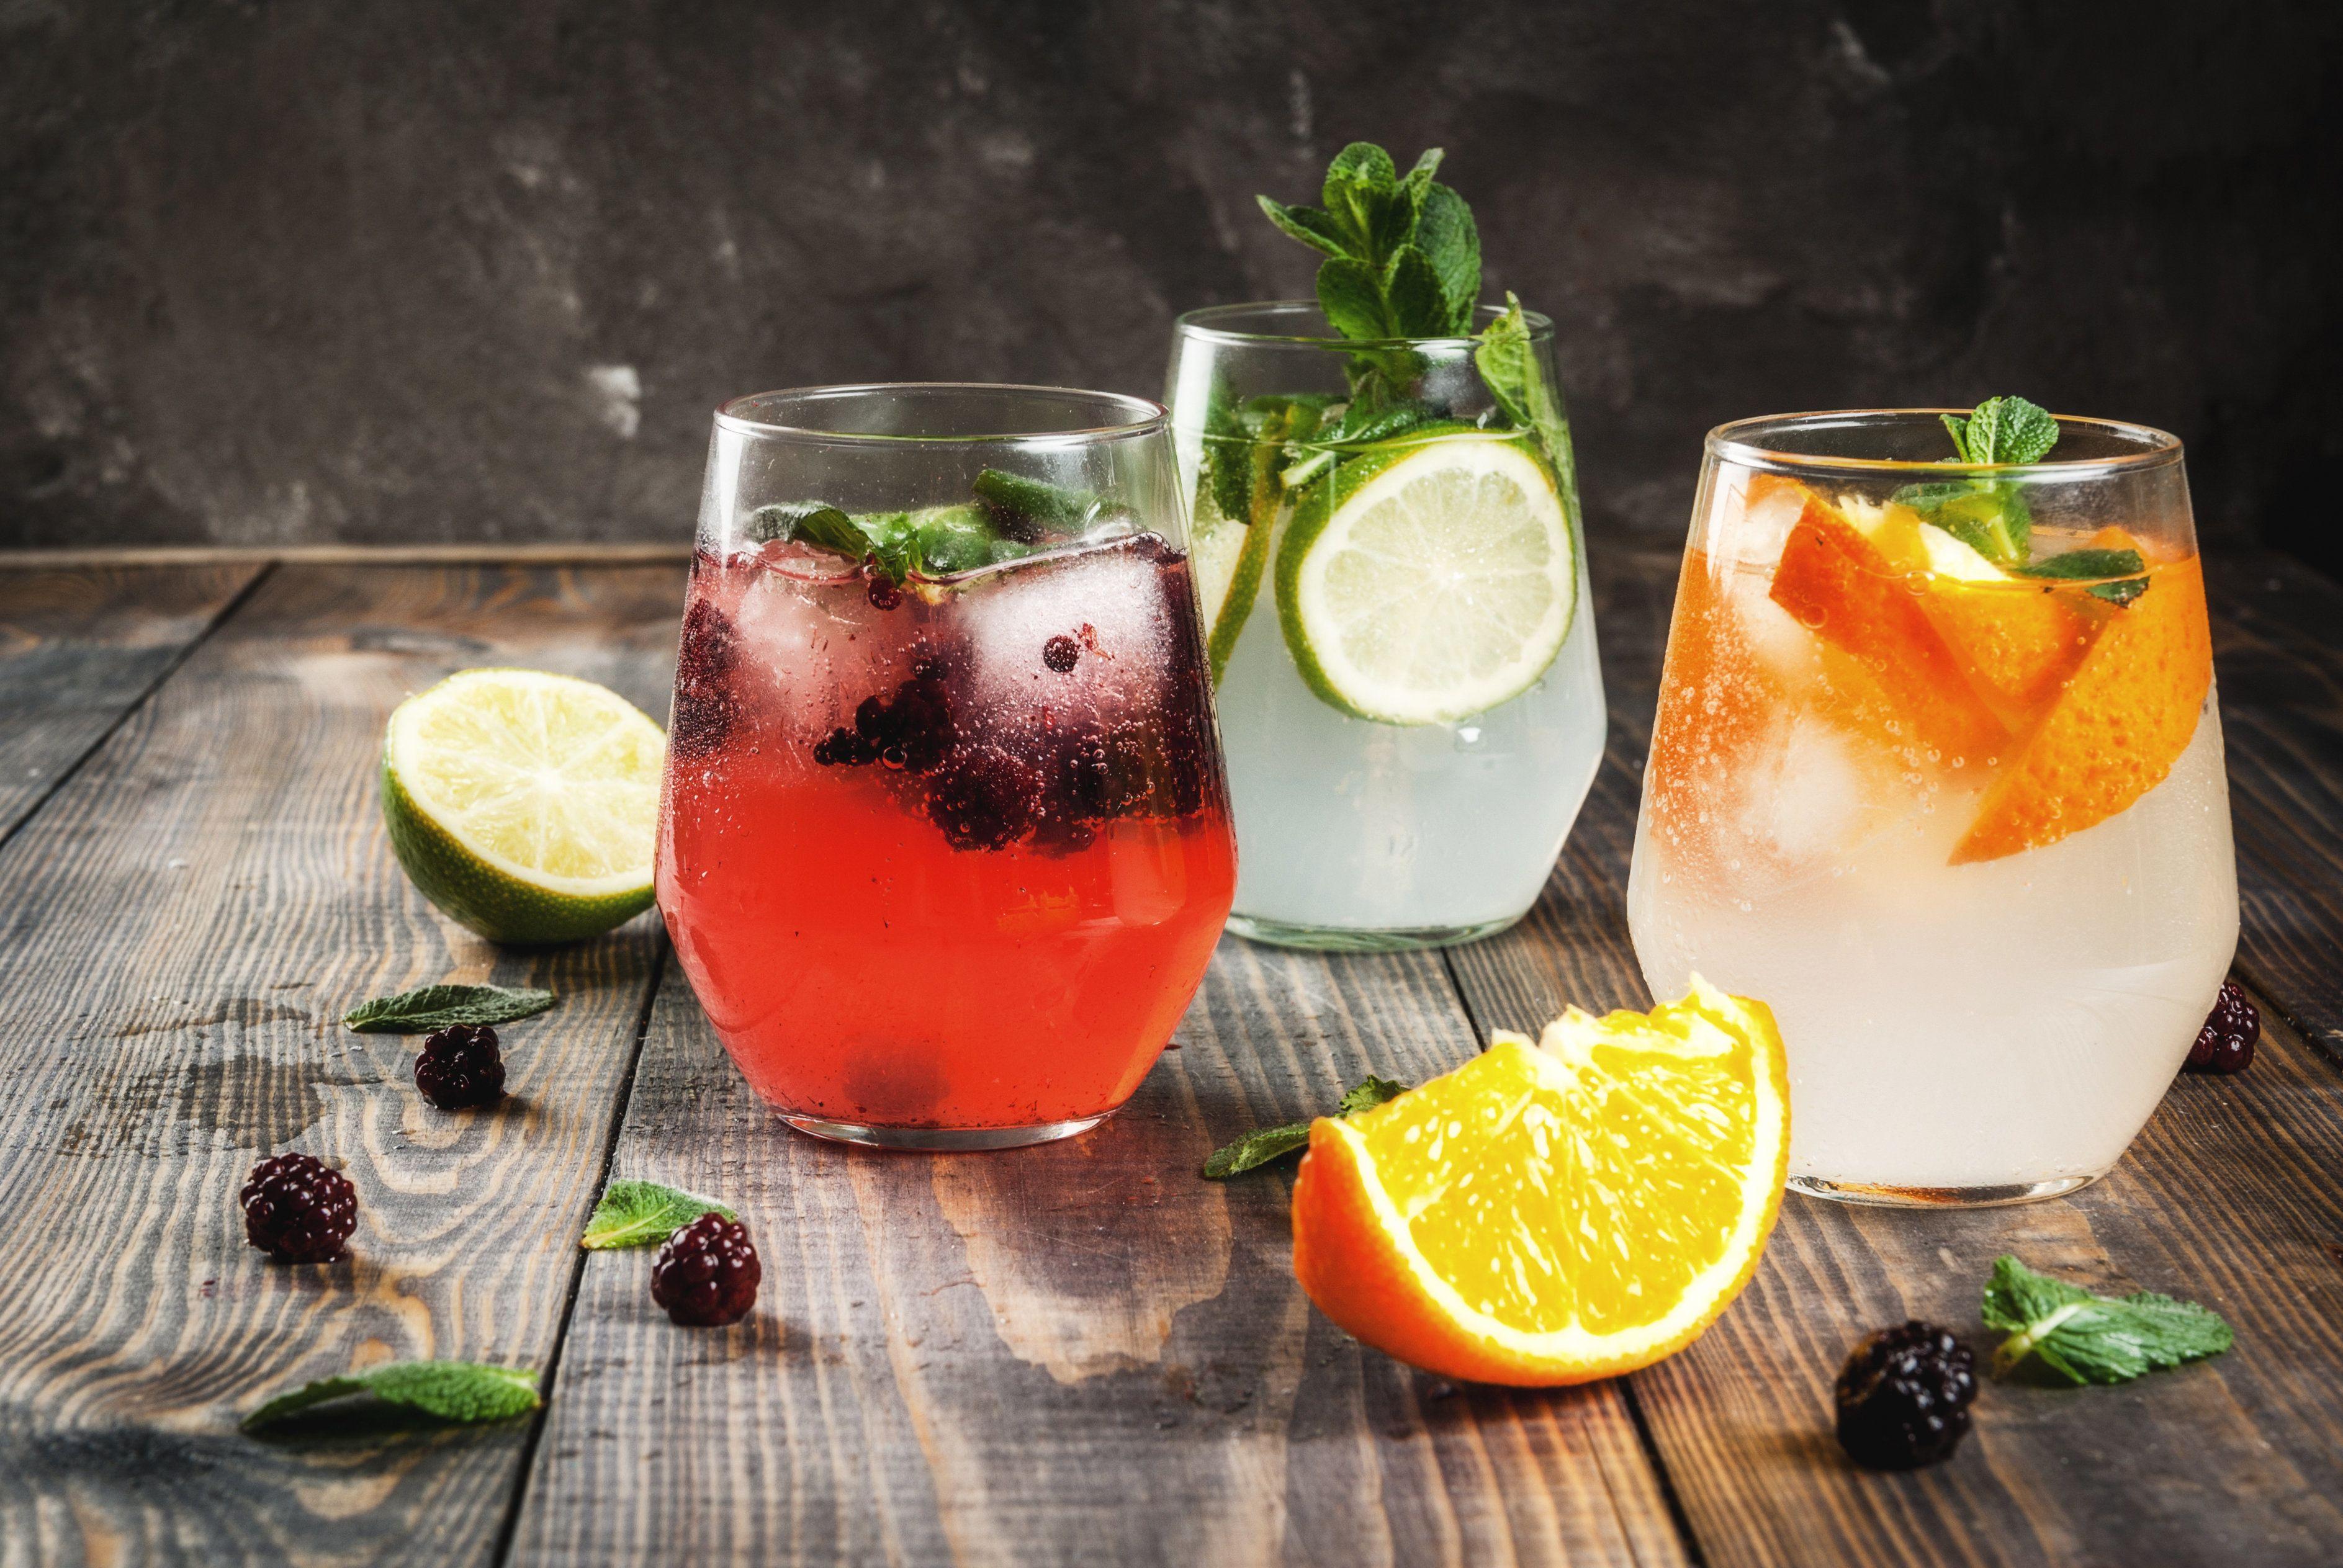 The Best Mocktails To Order At The Bar   Best mocktails ...